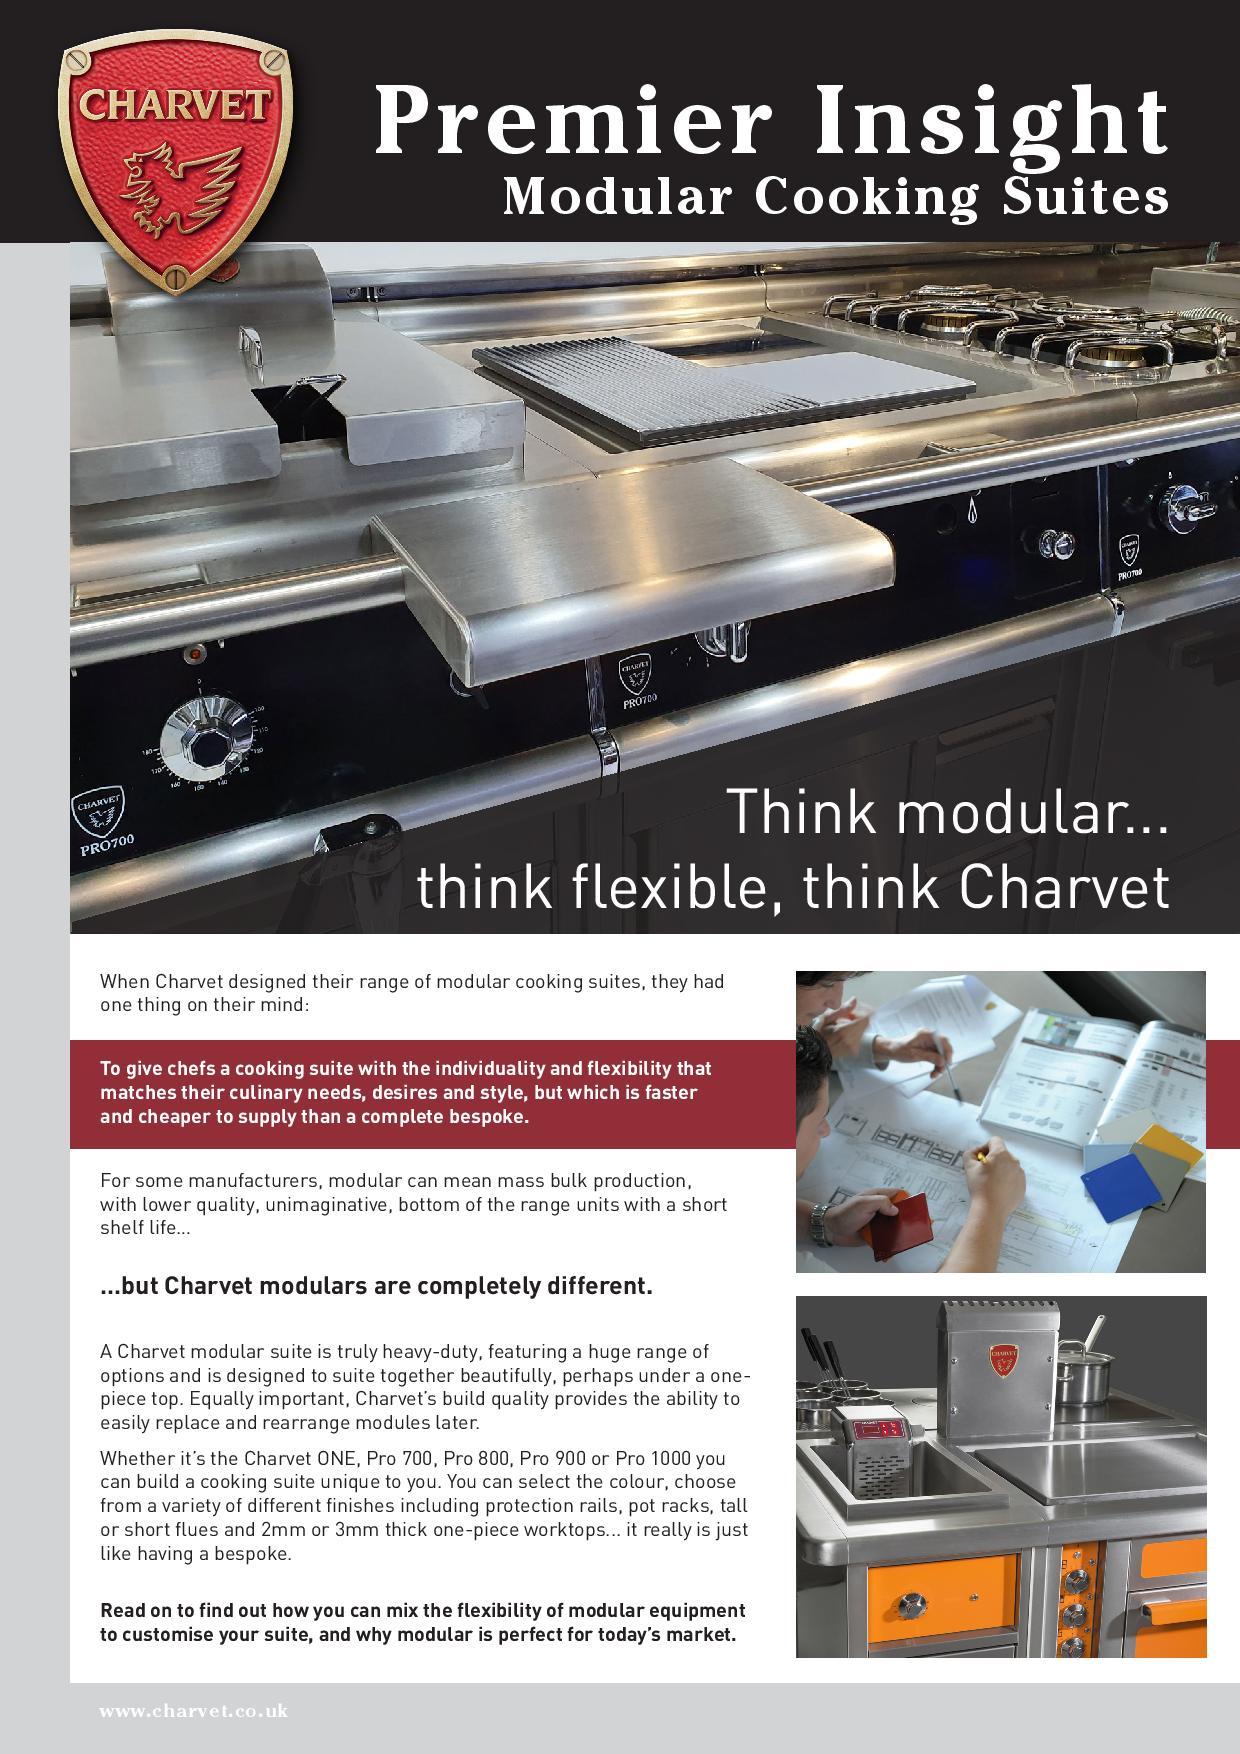 Charvet Premier Insight Newsletter cover image from December 2020